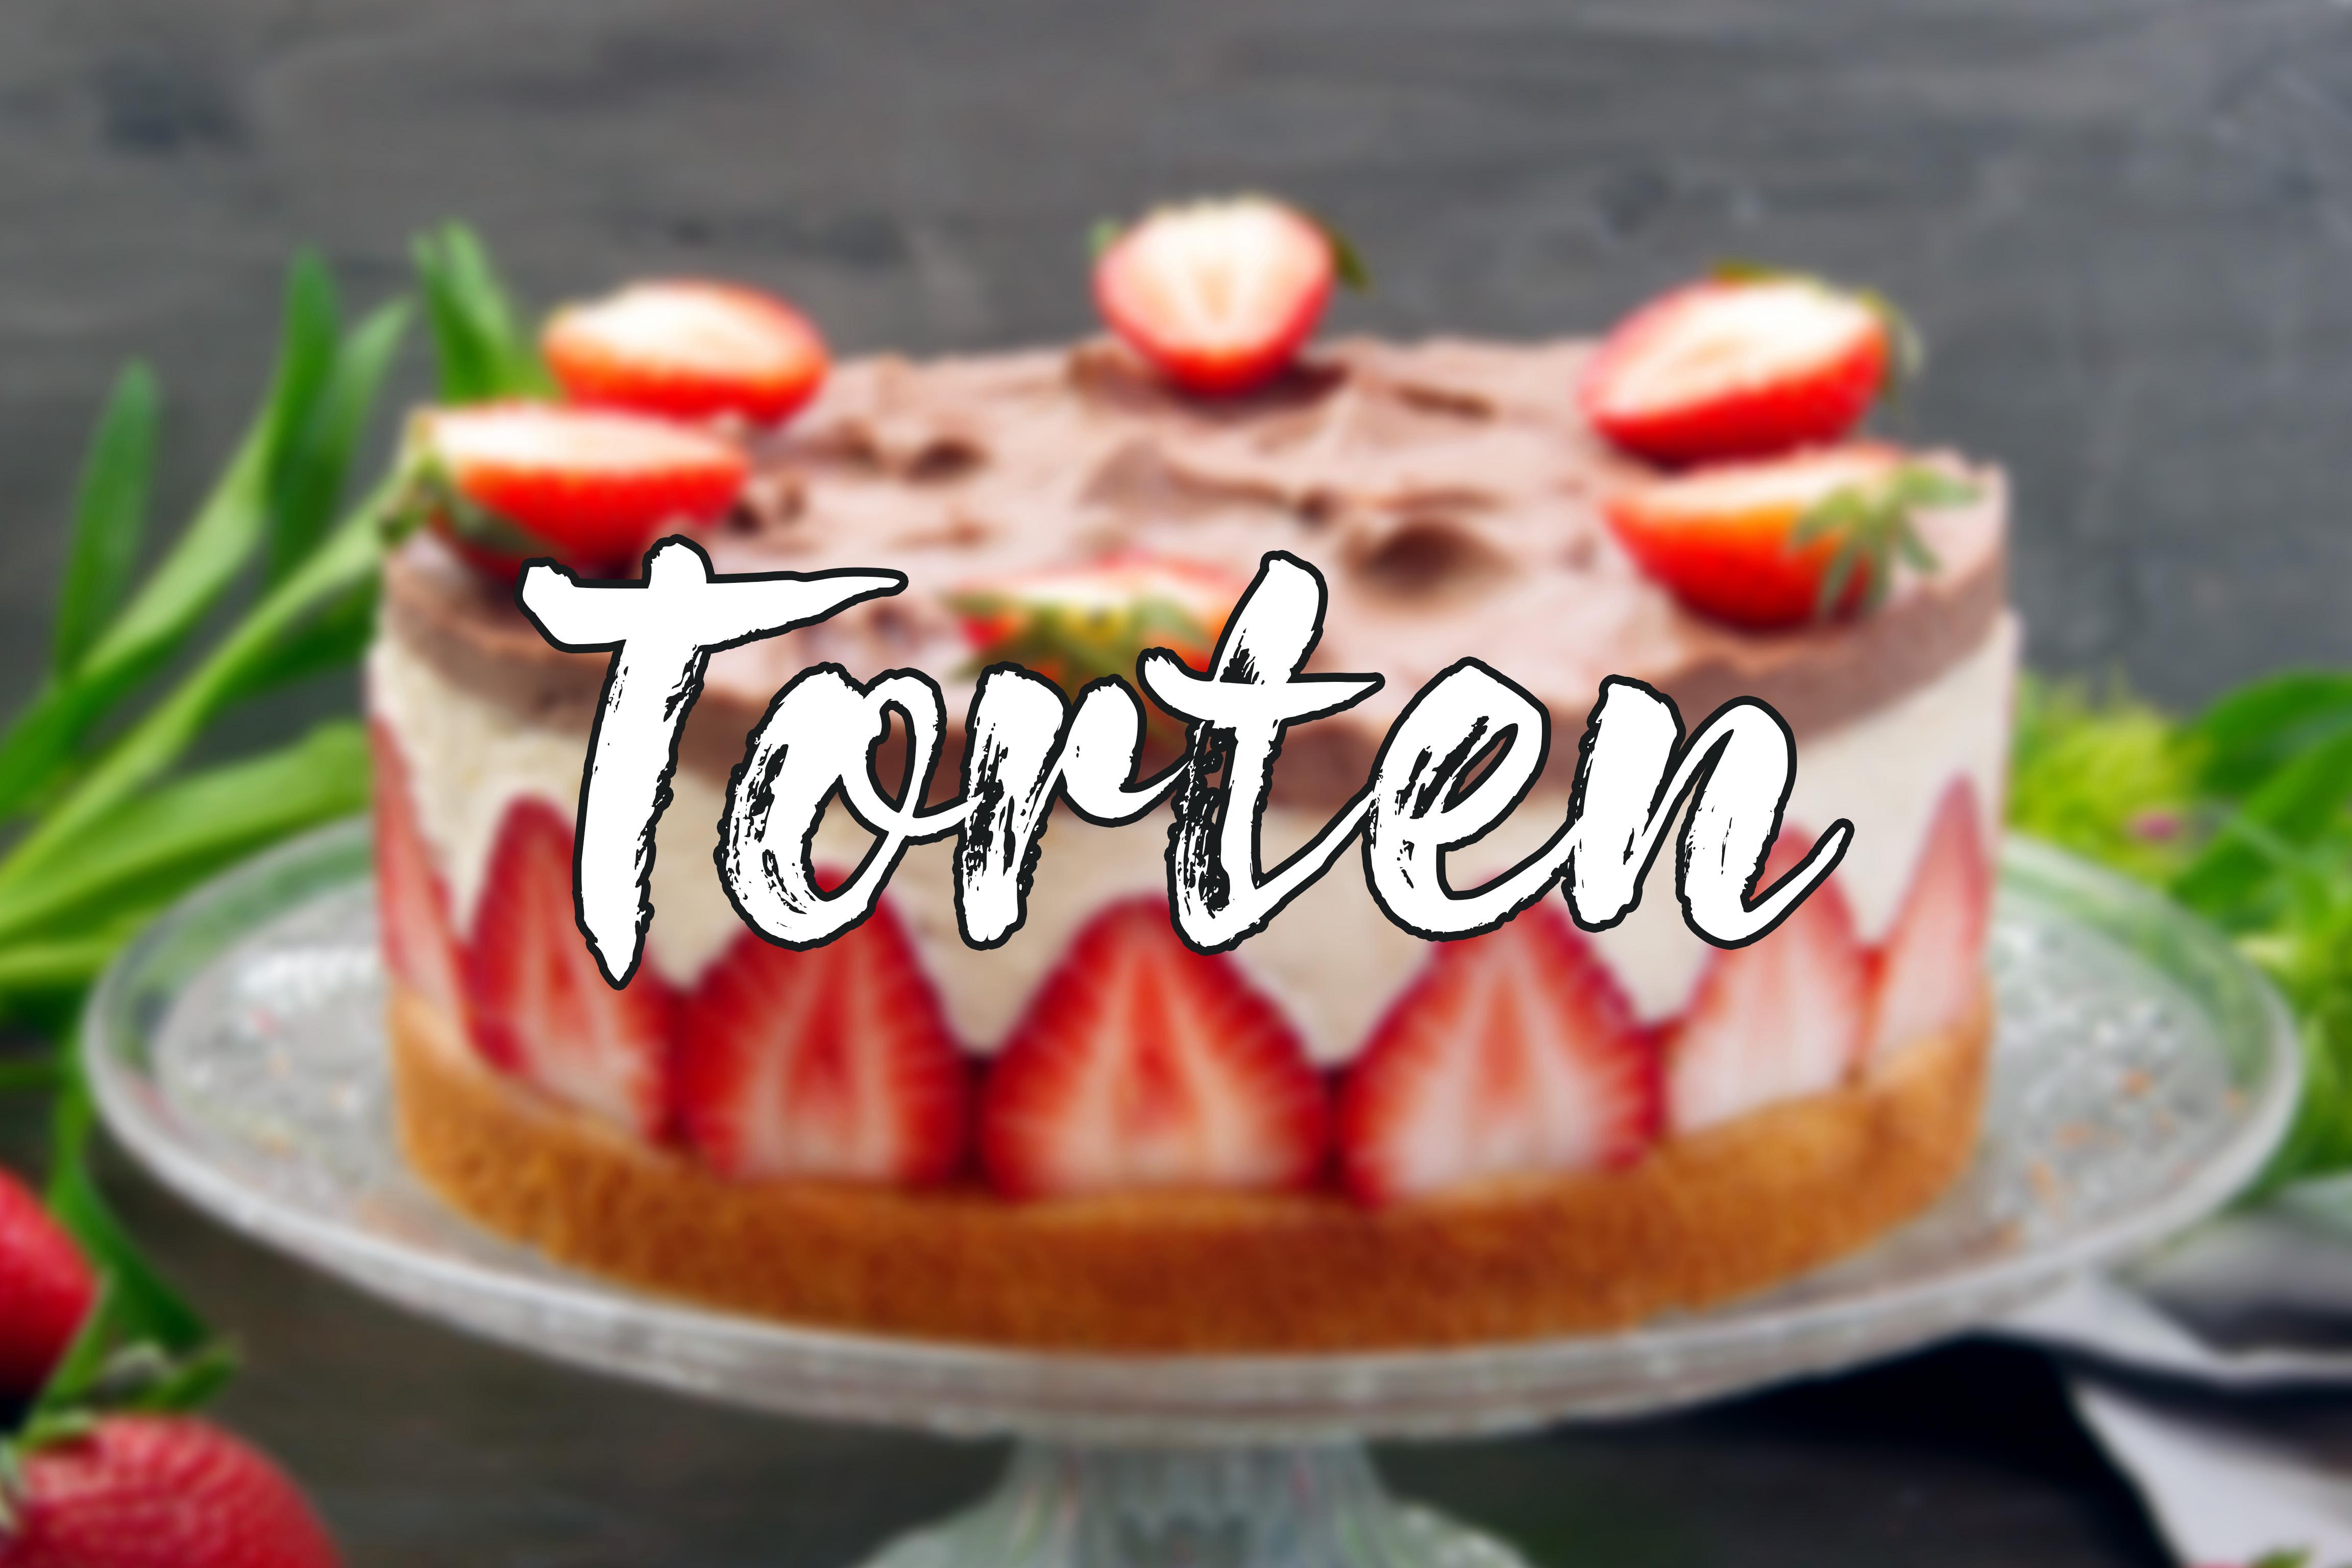 Torten selber machen, torten rezepte, einfache torten, schöne torten, backen